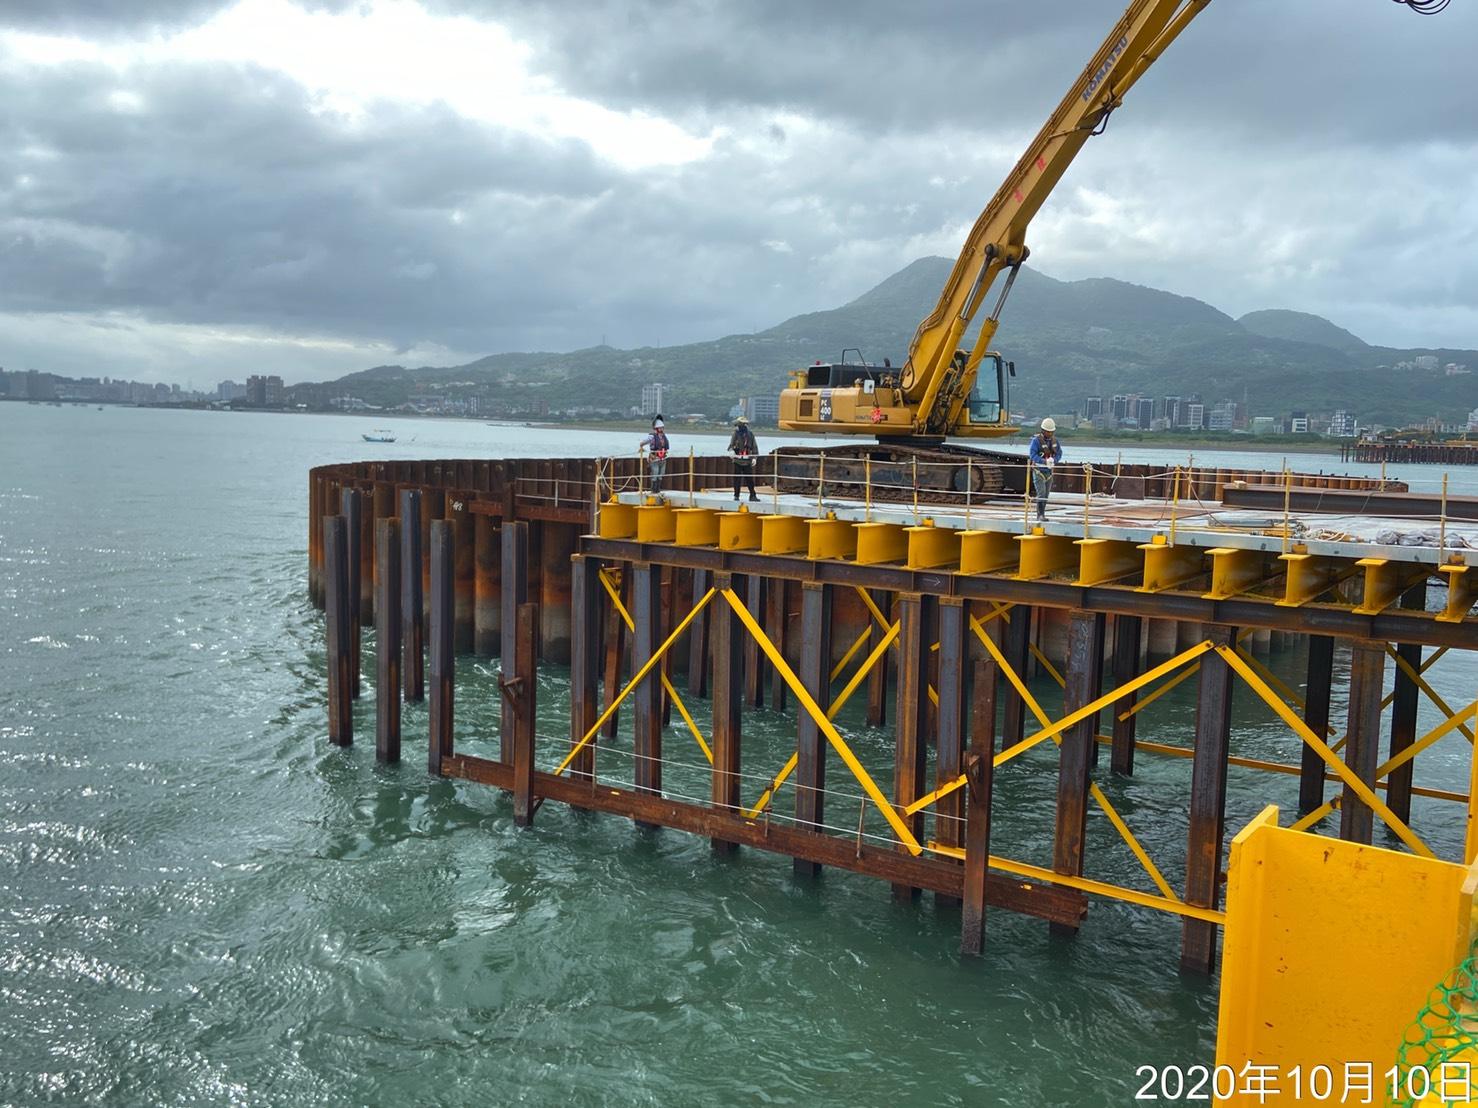 淡水端施工鋼便橋構件安裝組立